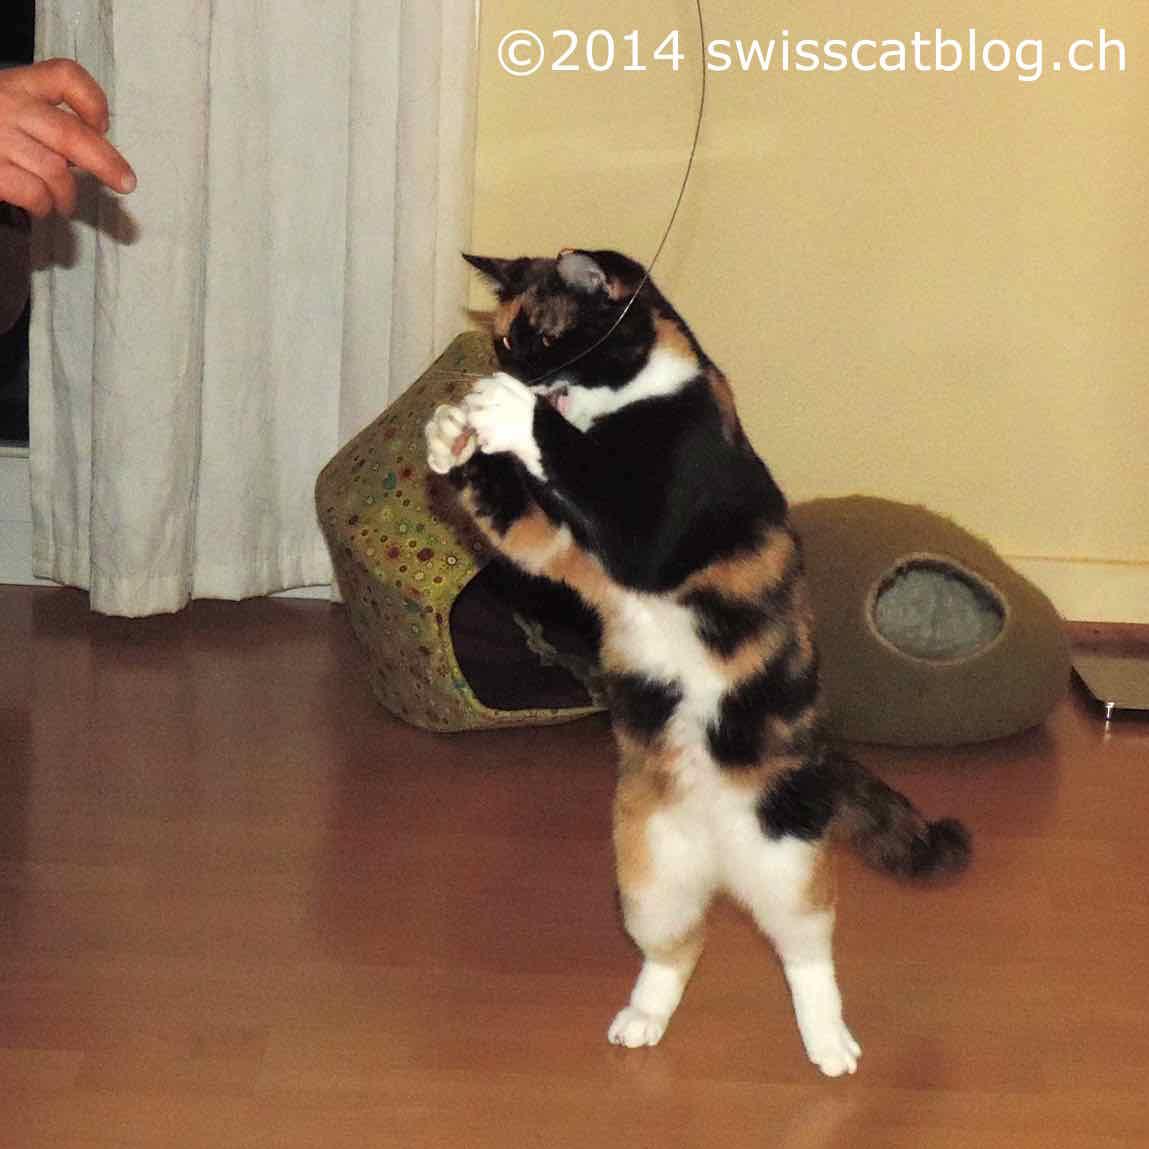 Pixie dancing